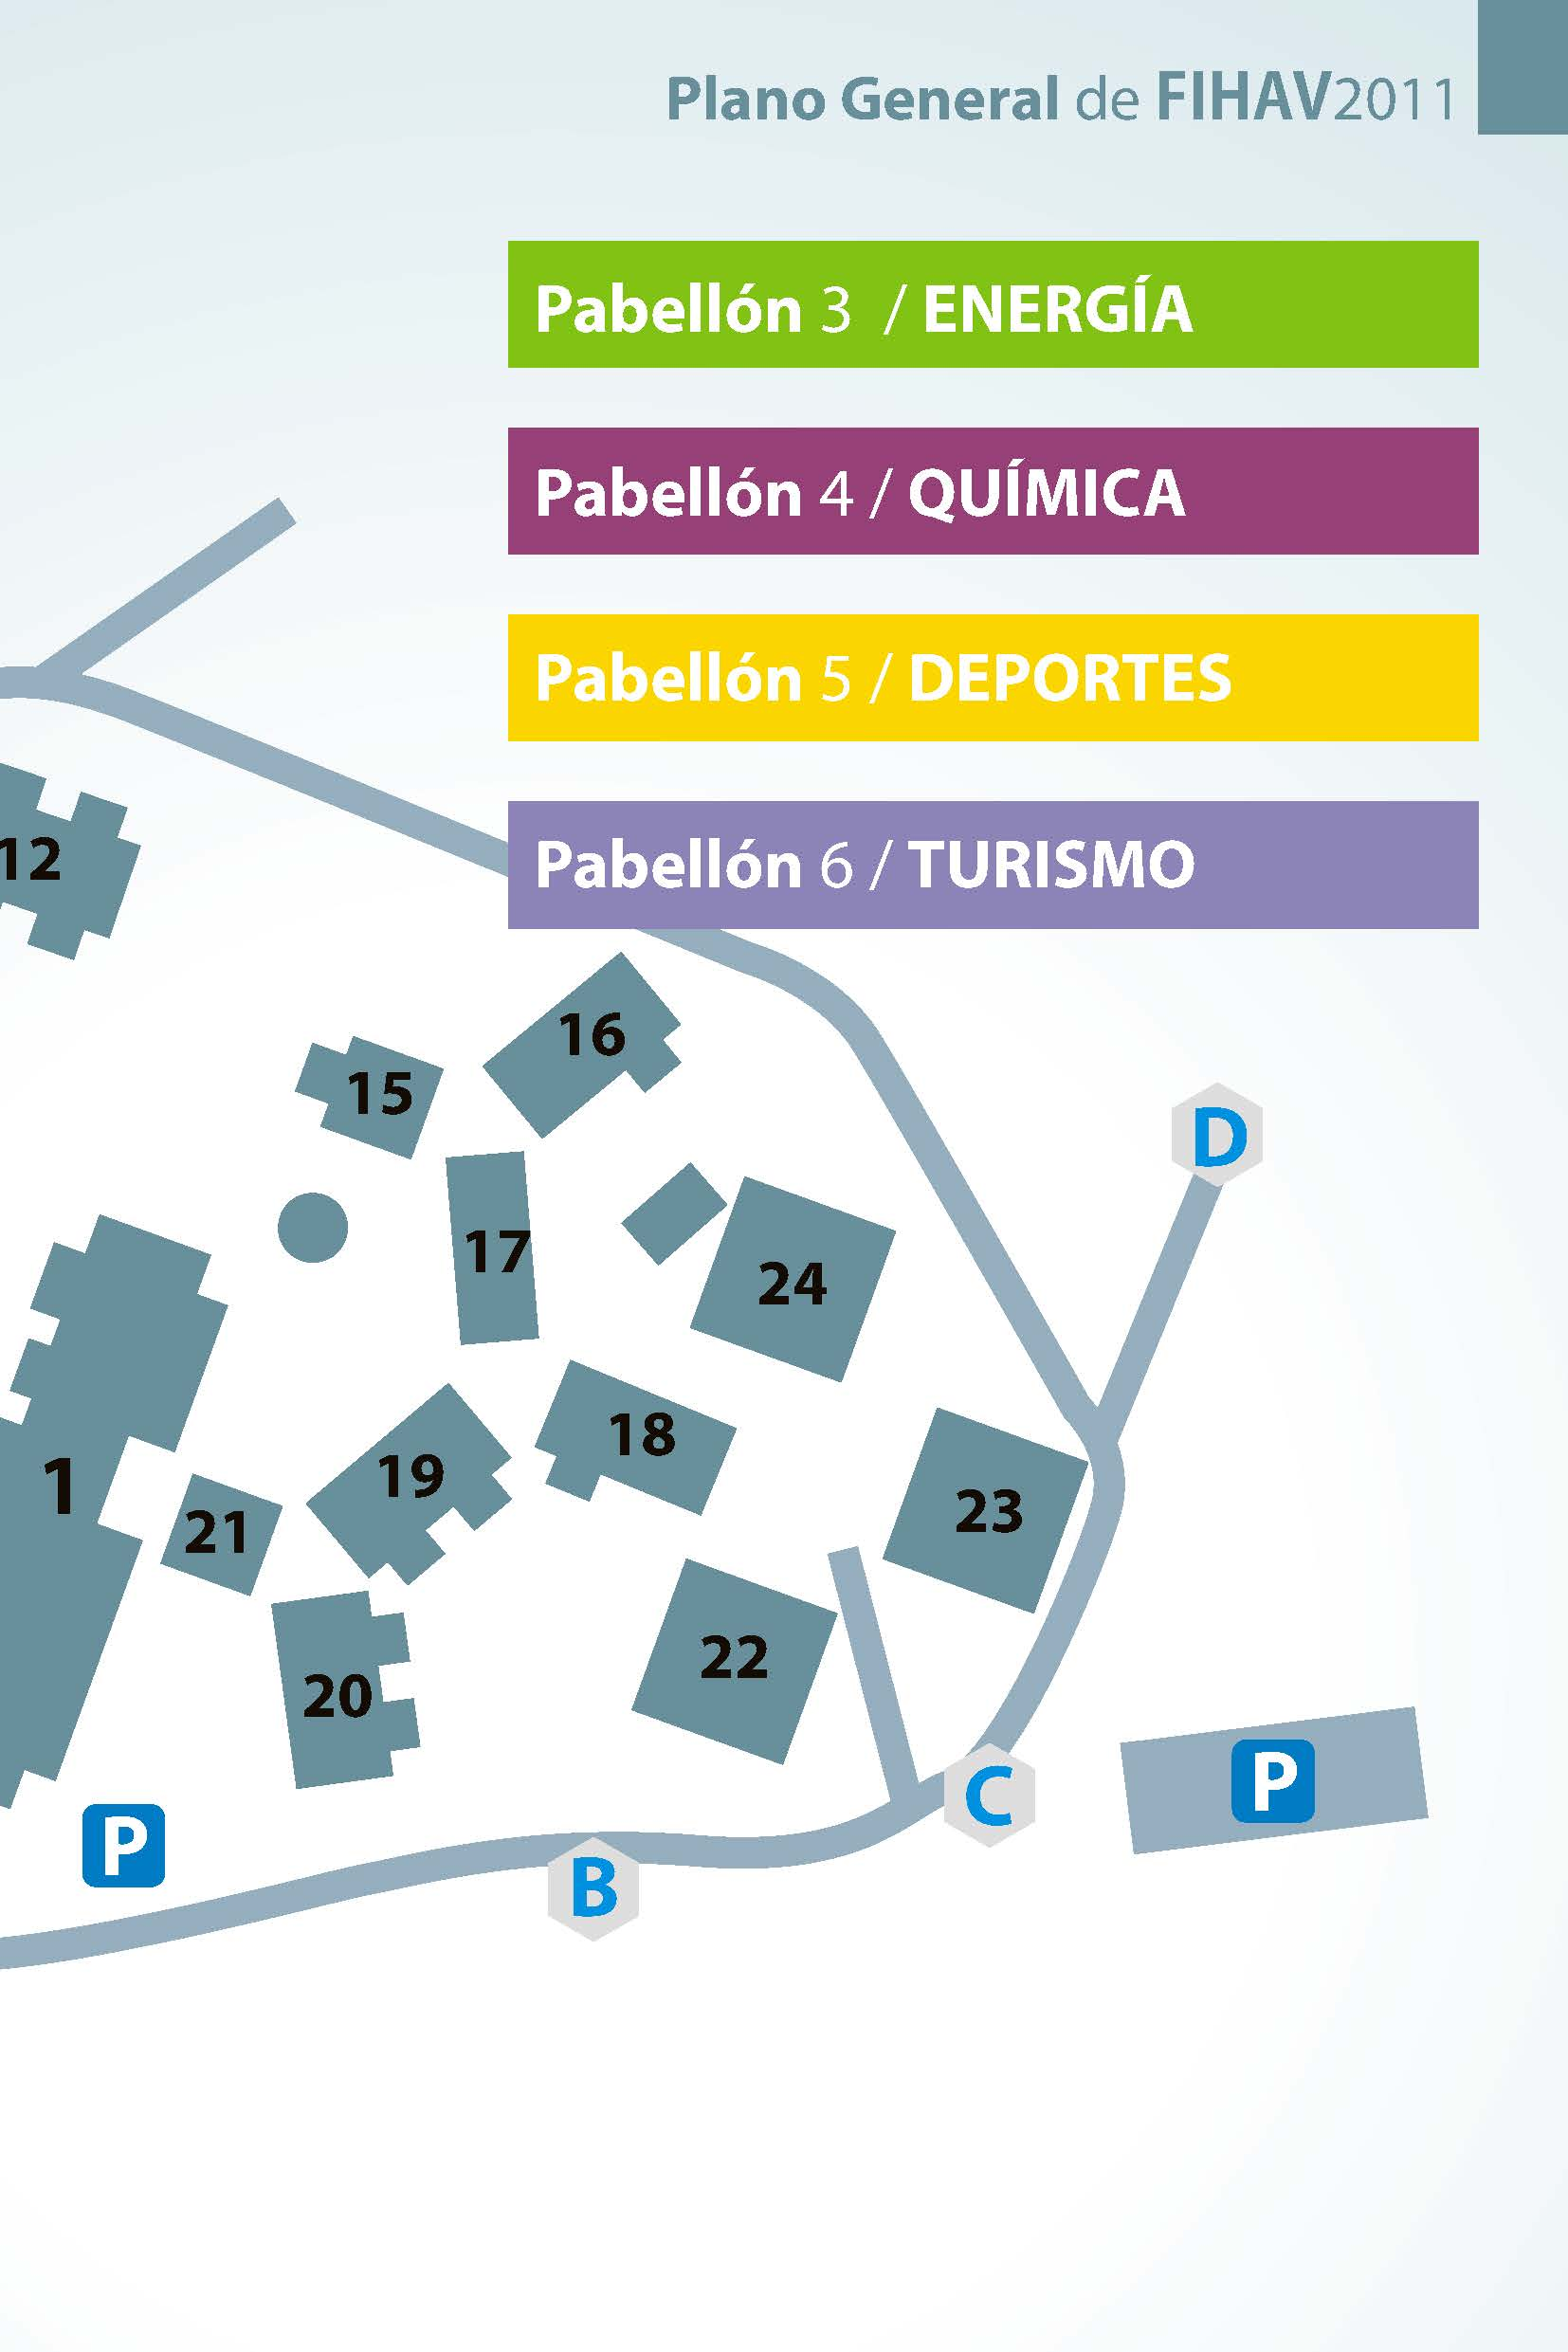 Catalogo FIHAV La Habana (3).jpg